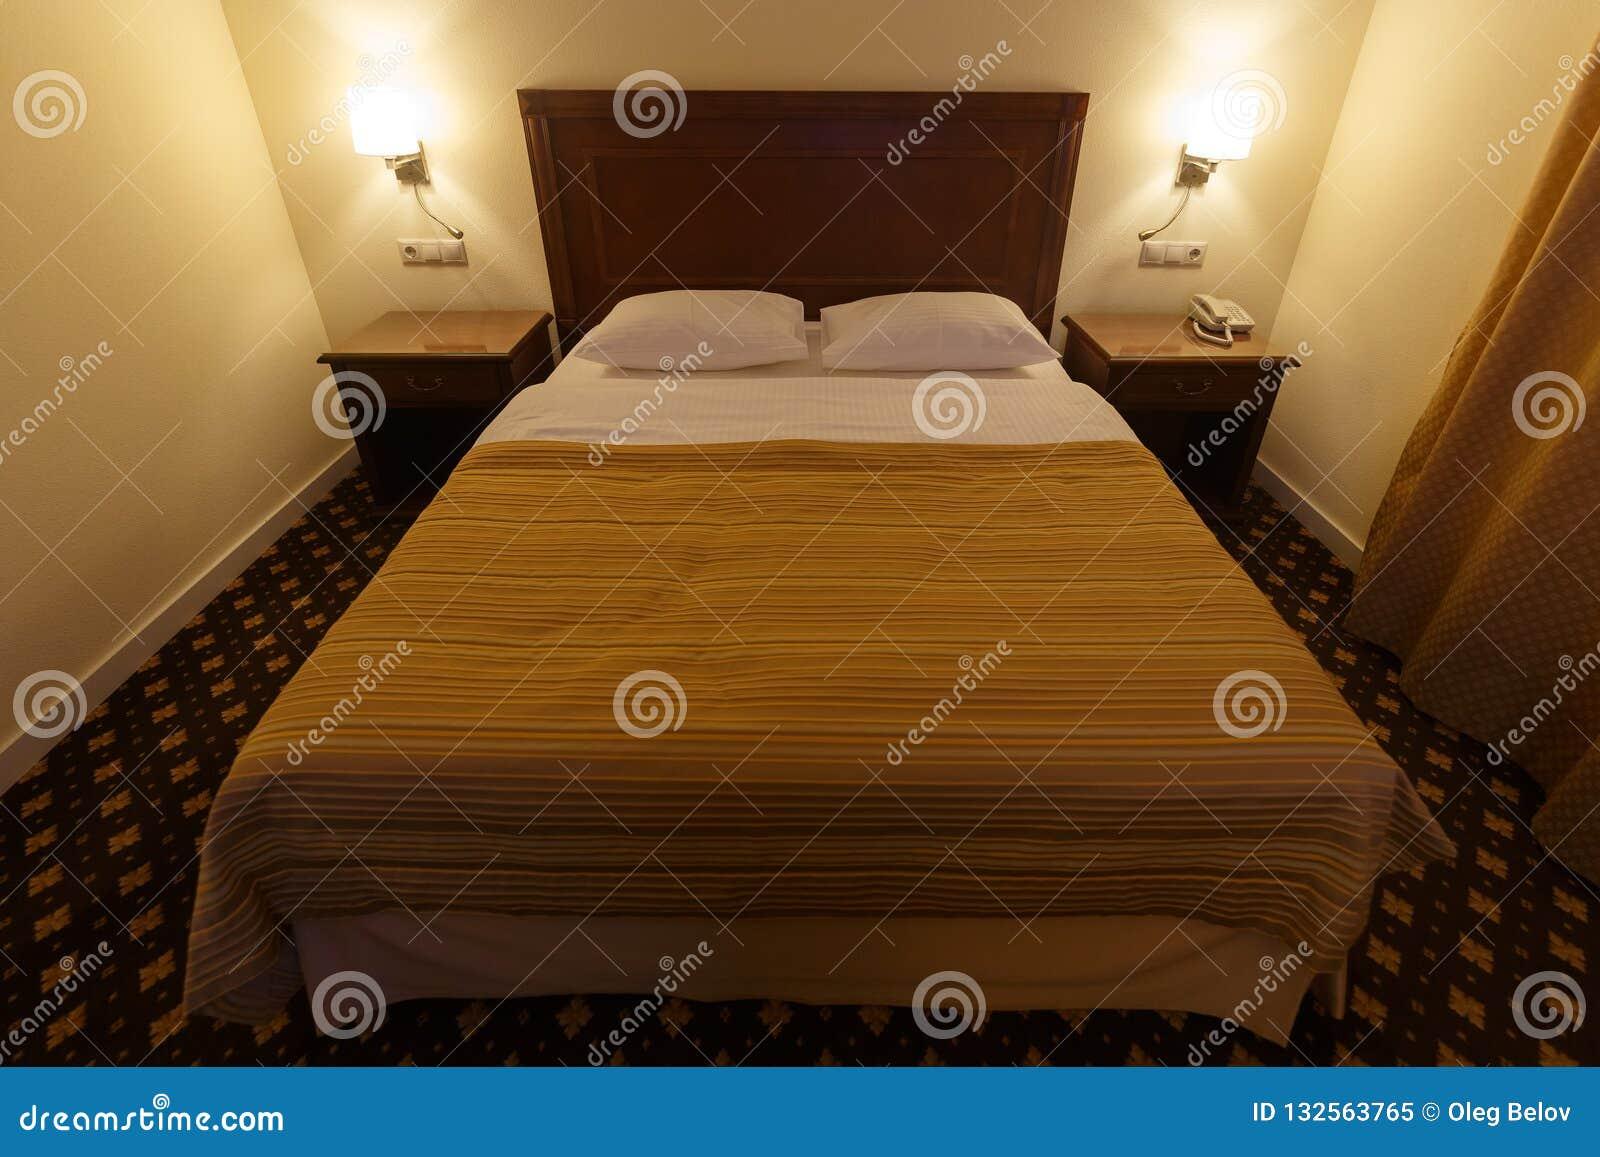 Grand Double Lit Confortable Dans Une Petite Chambre D Hotel